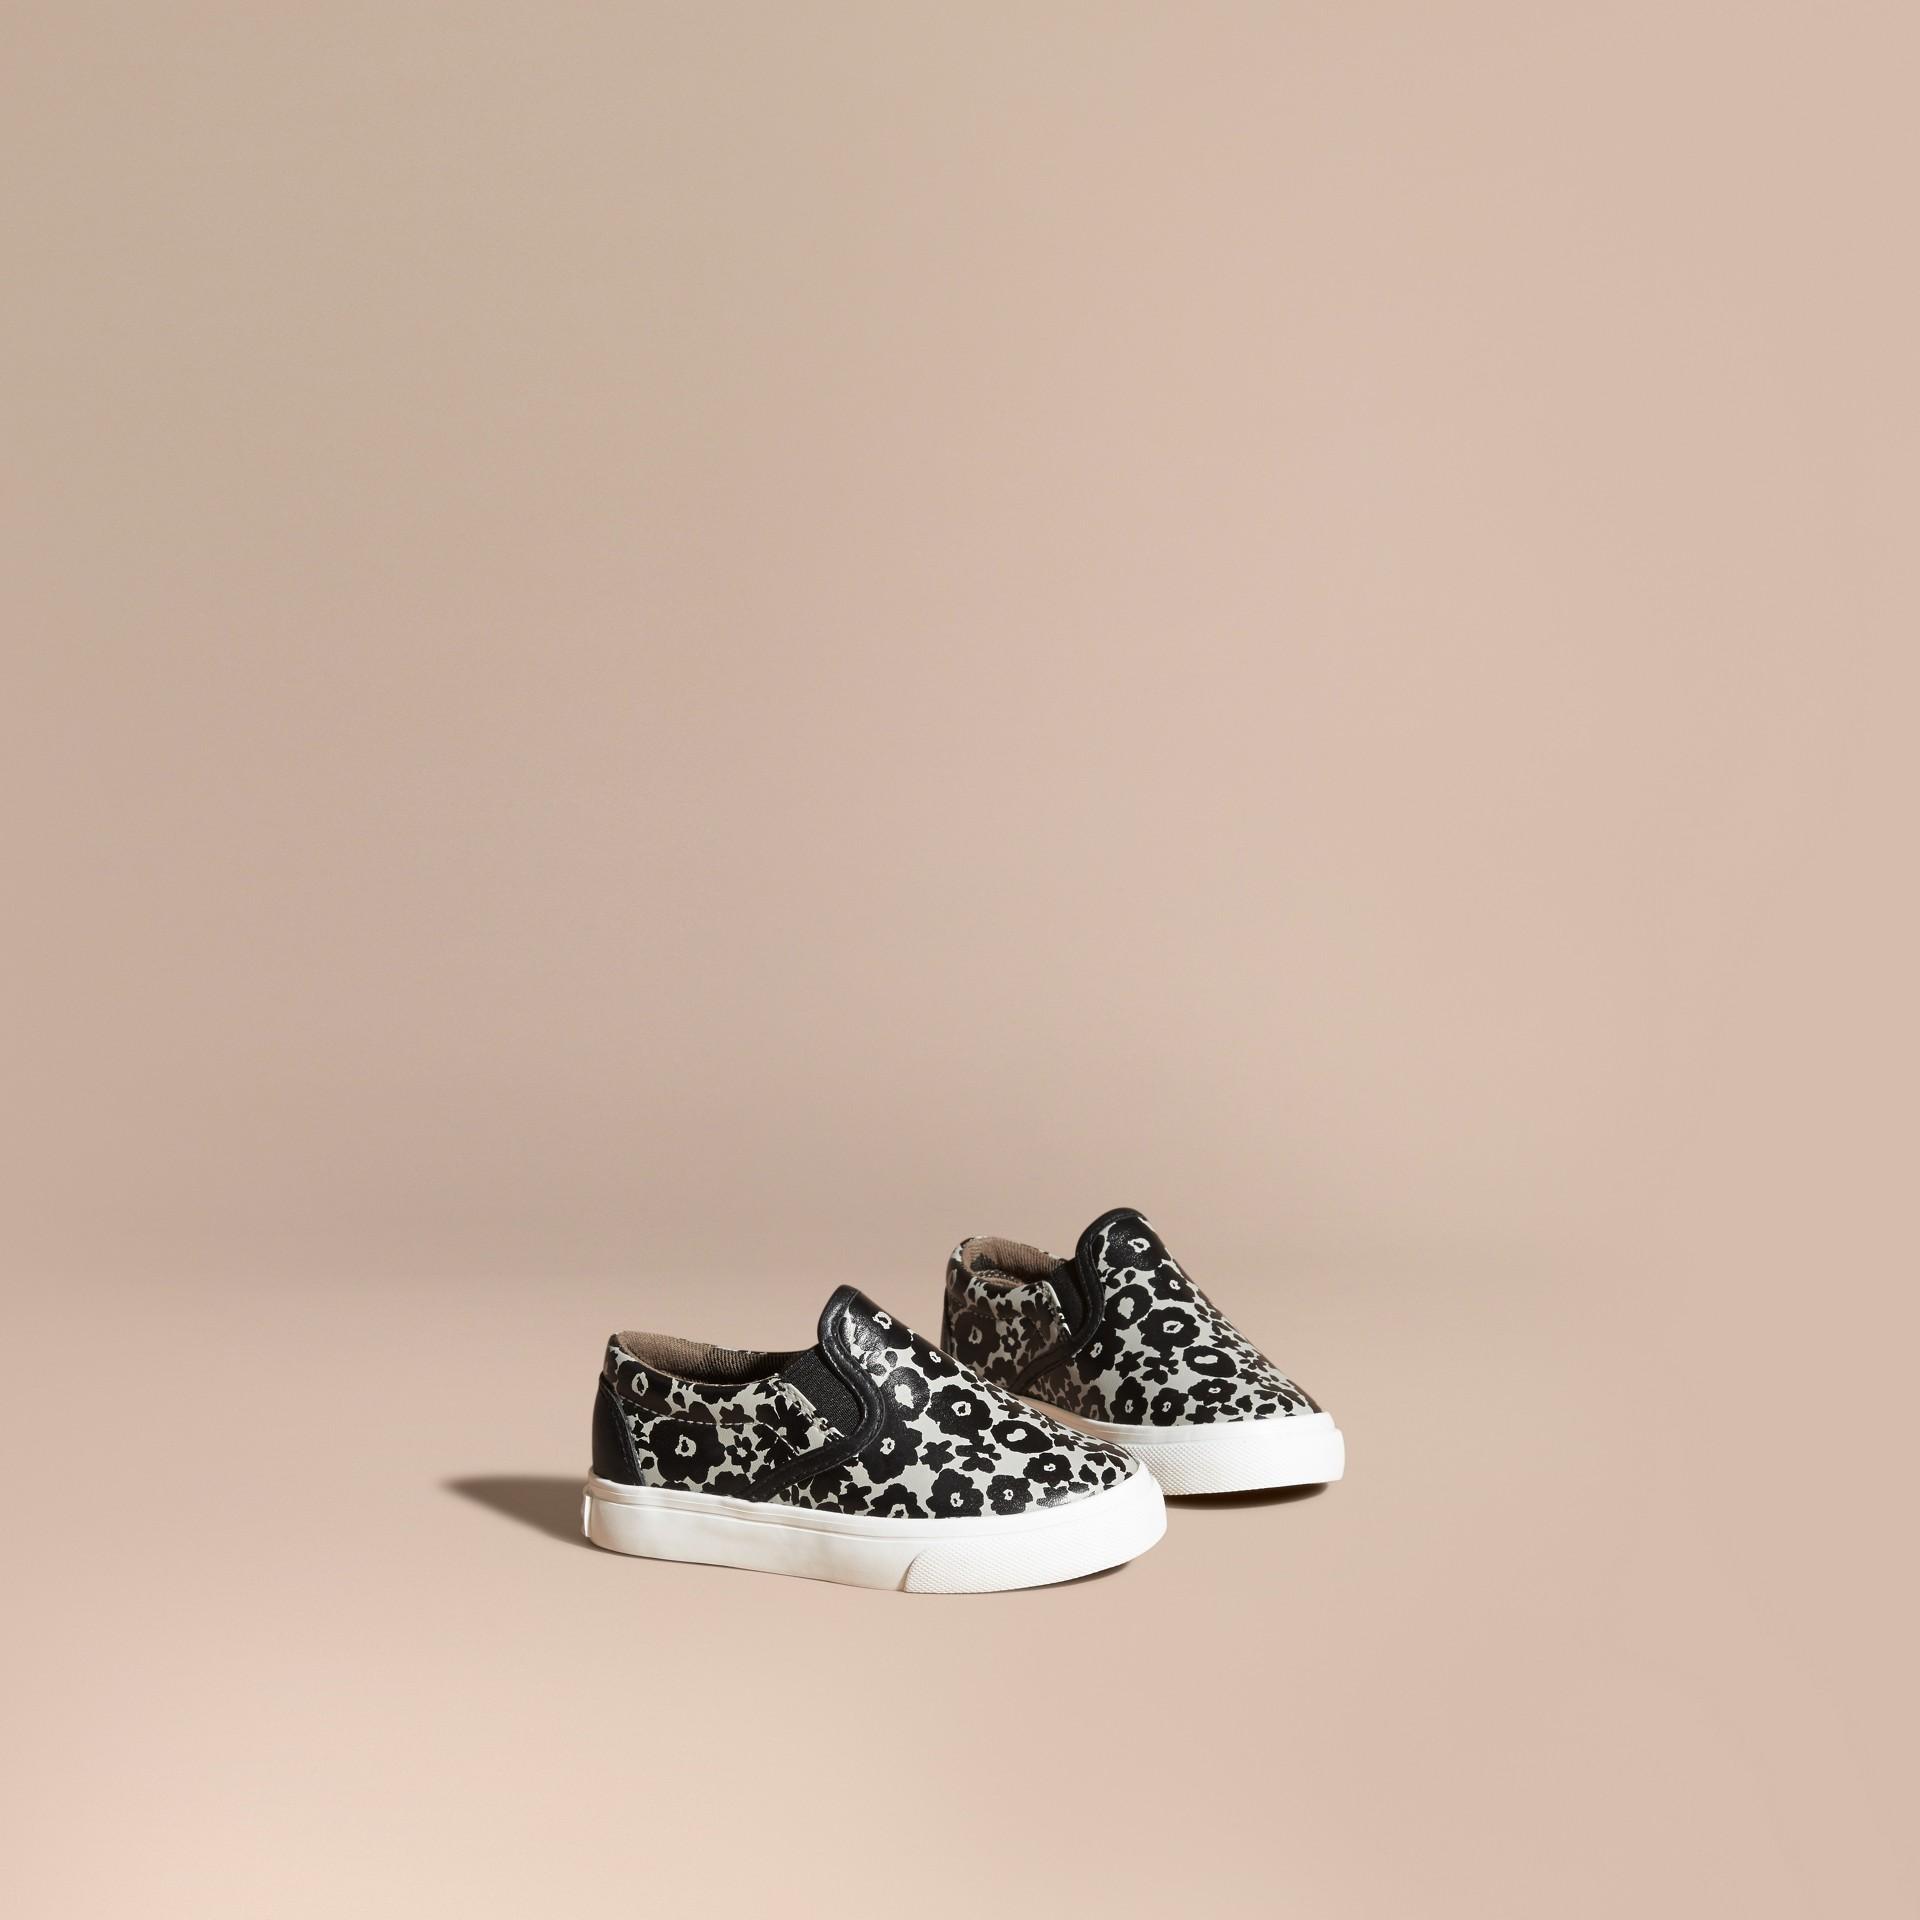 Noir/blanc Sneakers sans lacets en cuir à imprimé floral - photo de la galerie 1